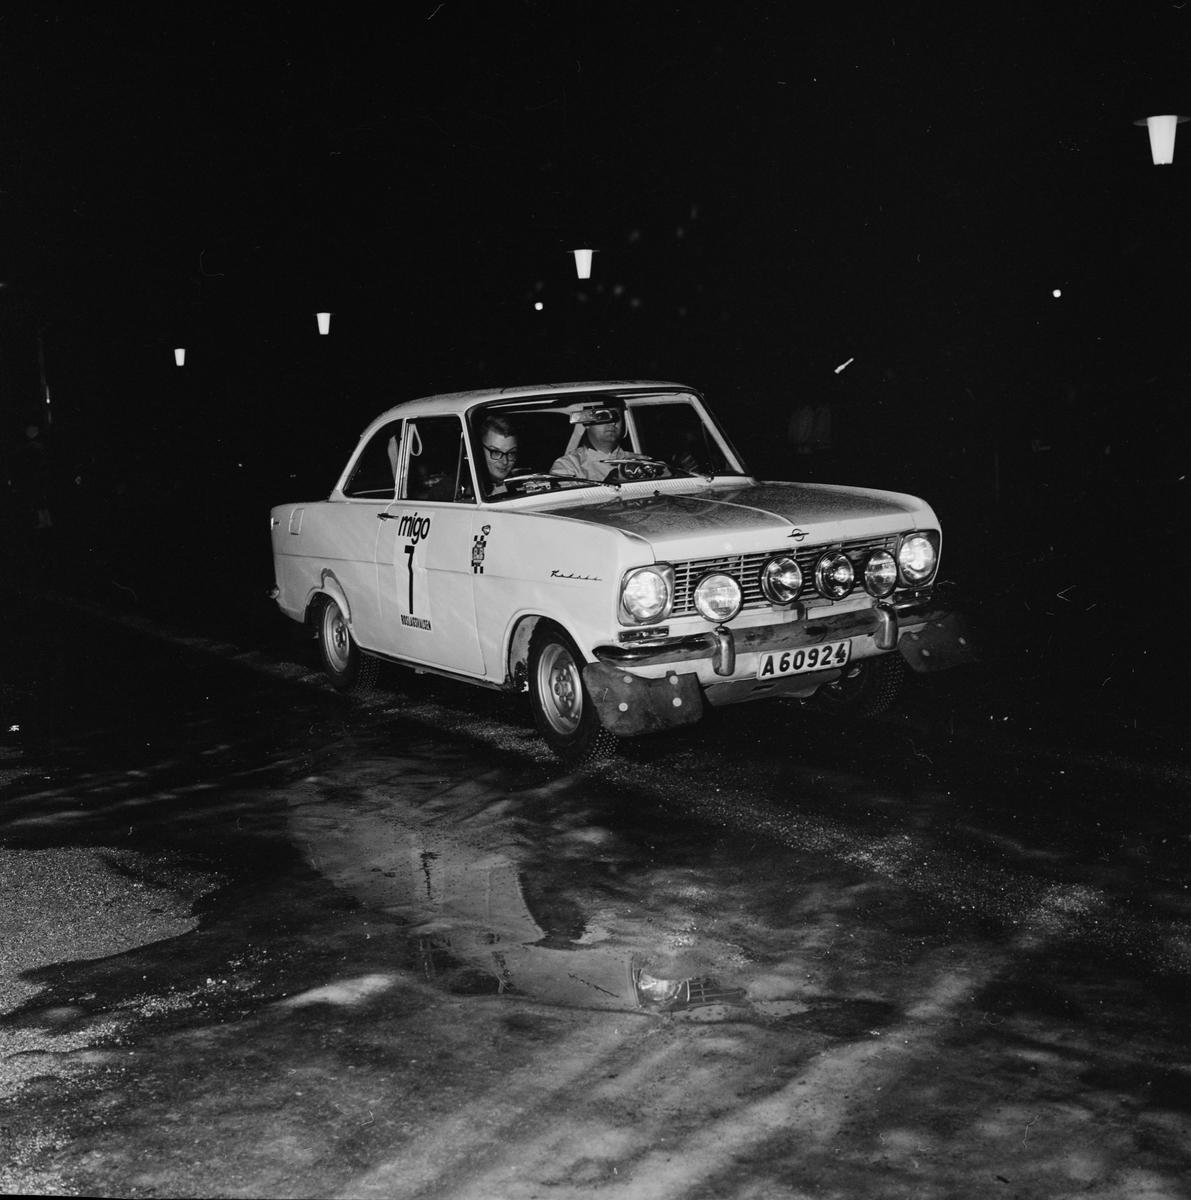 Biltävling - Roslagsvalsen, Uppland januari 1965